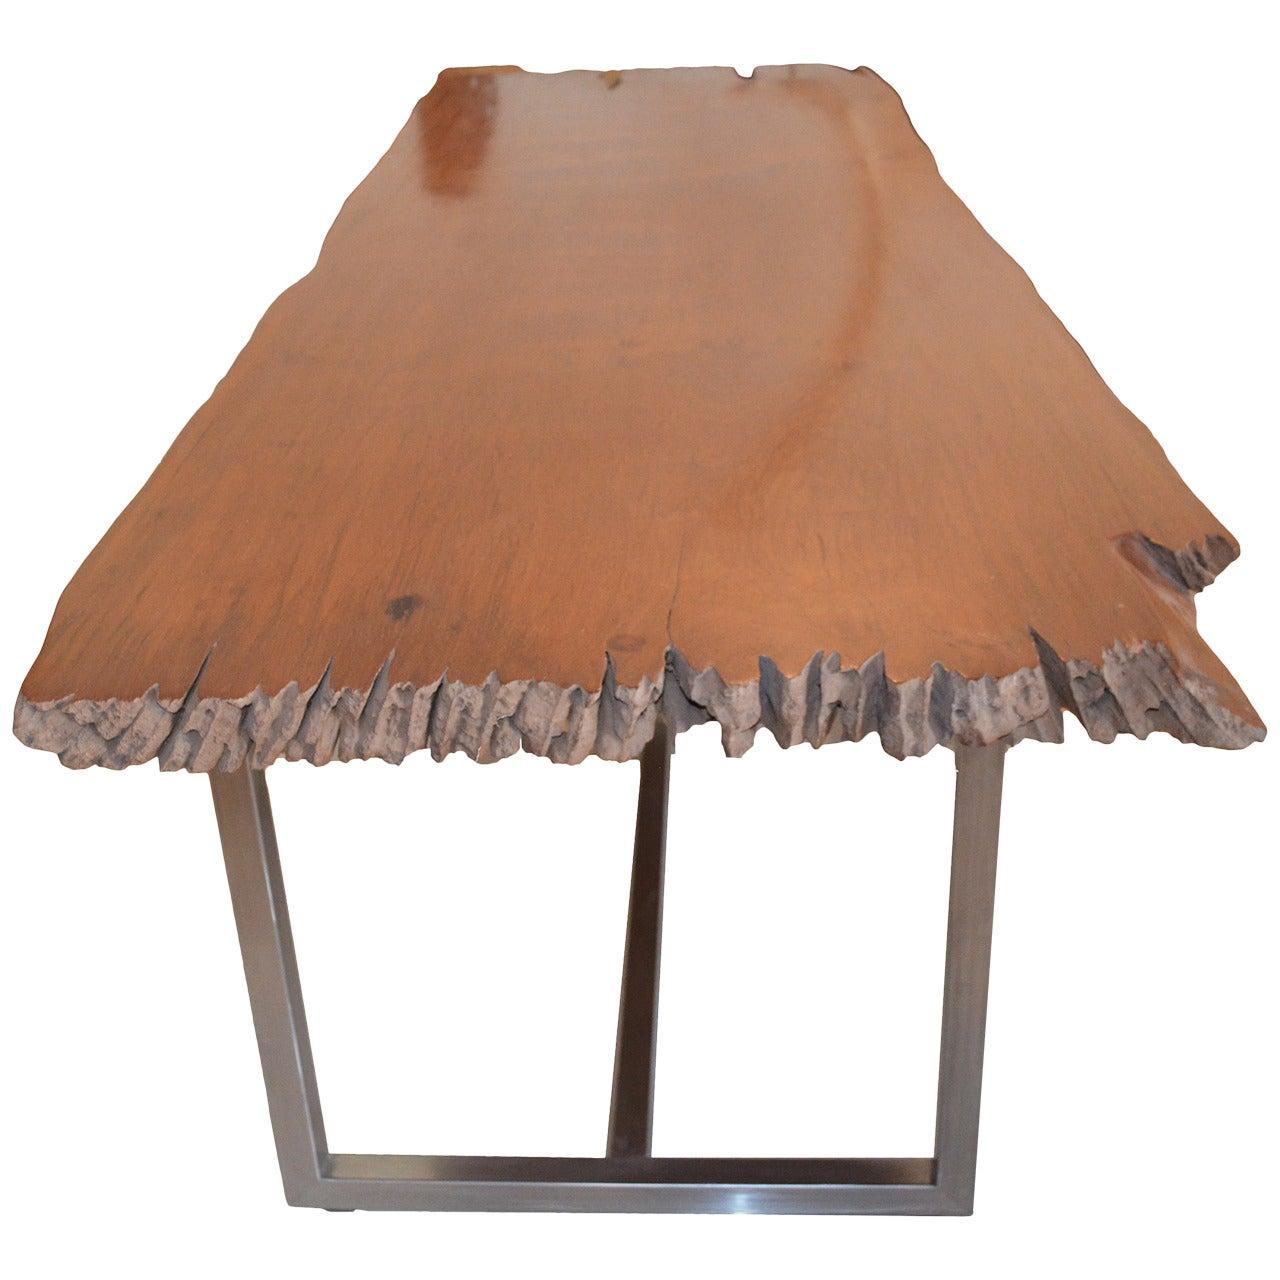 Andrianna Shamaris Live Edge Teak Wood Single Slab Dining Table